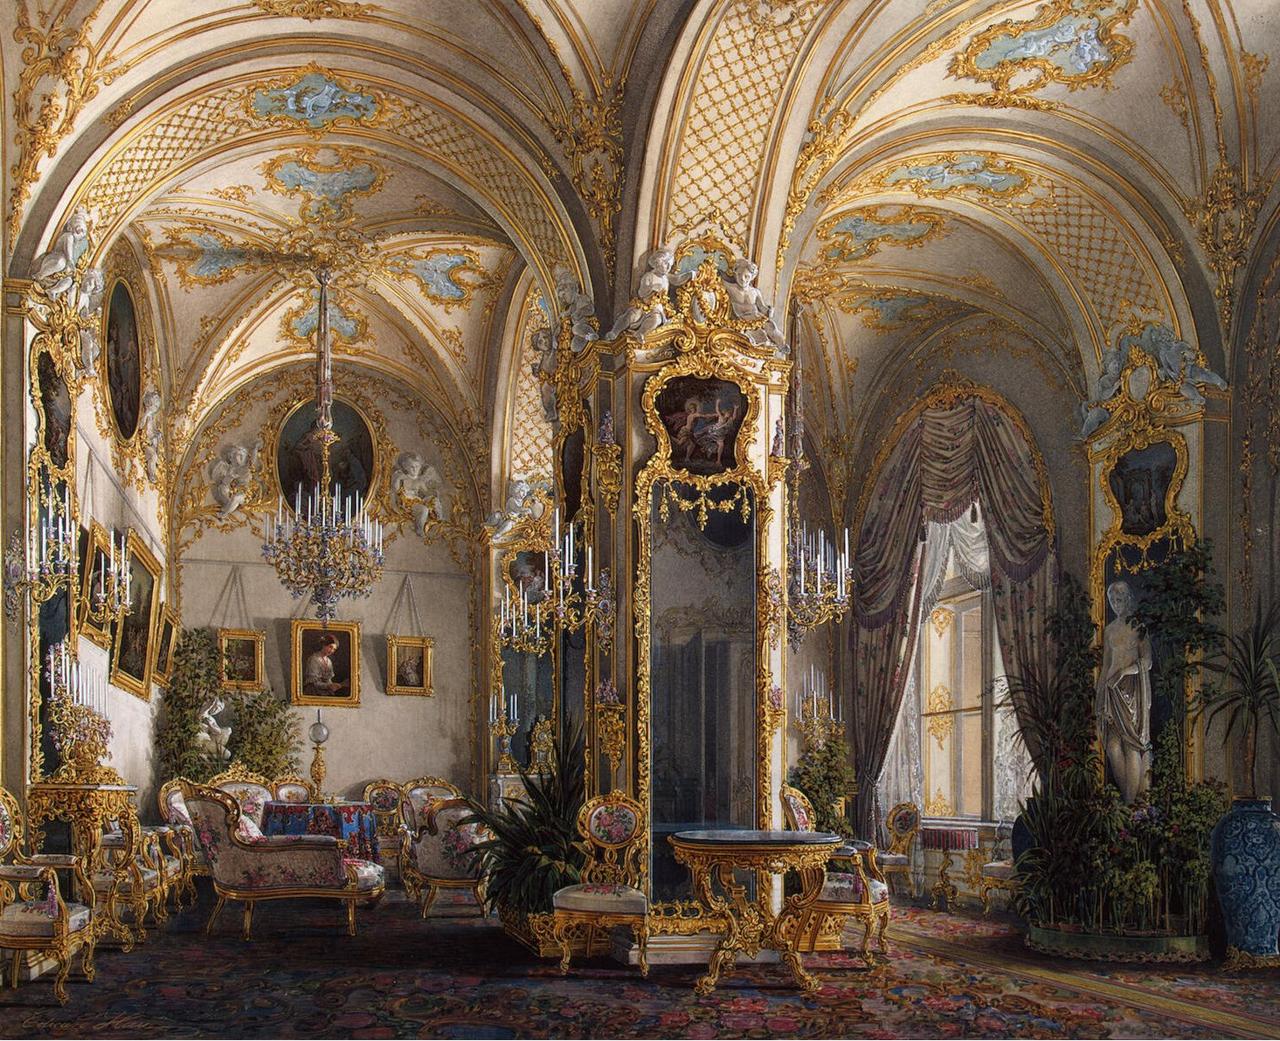 Интерьеры Зимнего дворца. Гостиная в стиле рококо с амурами